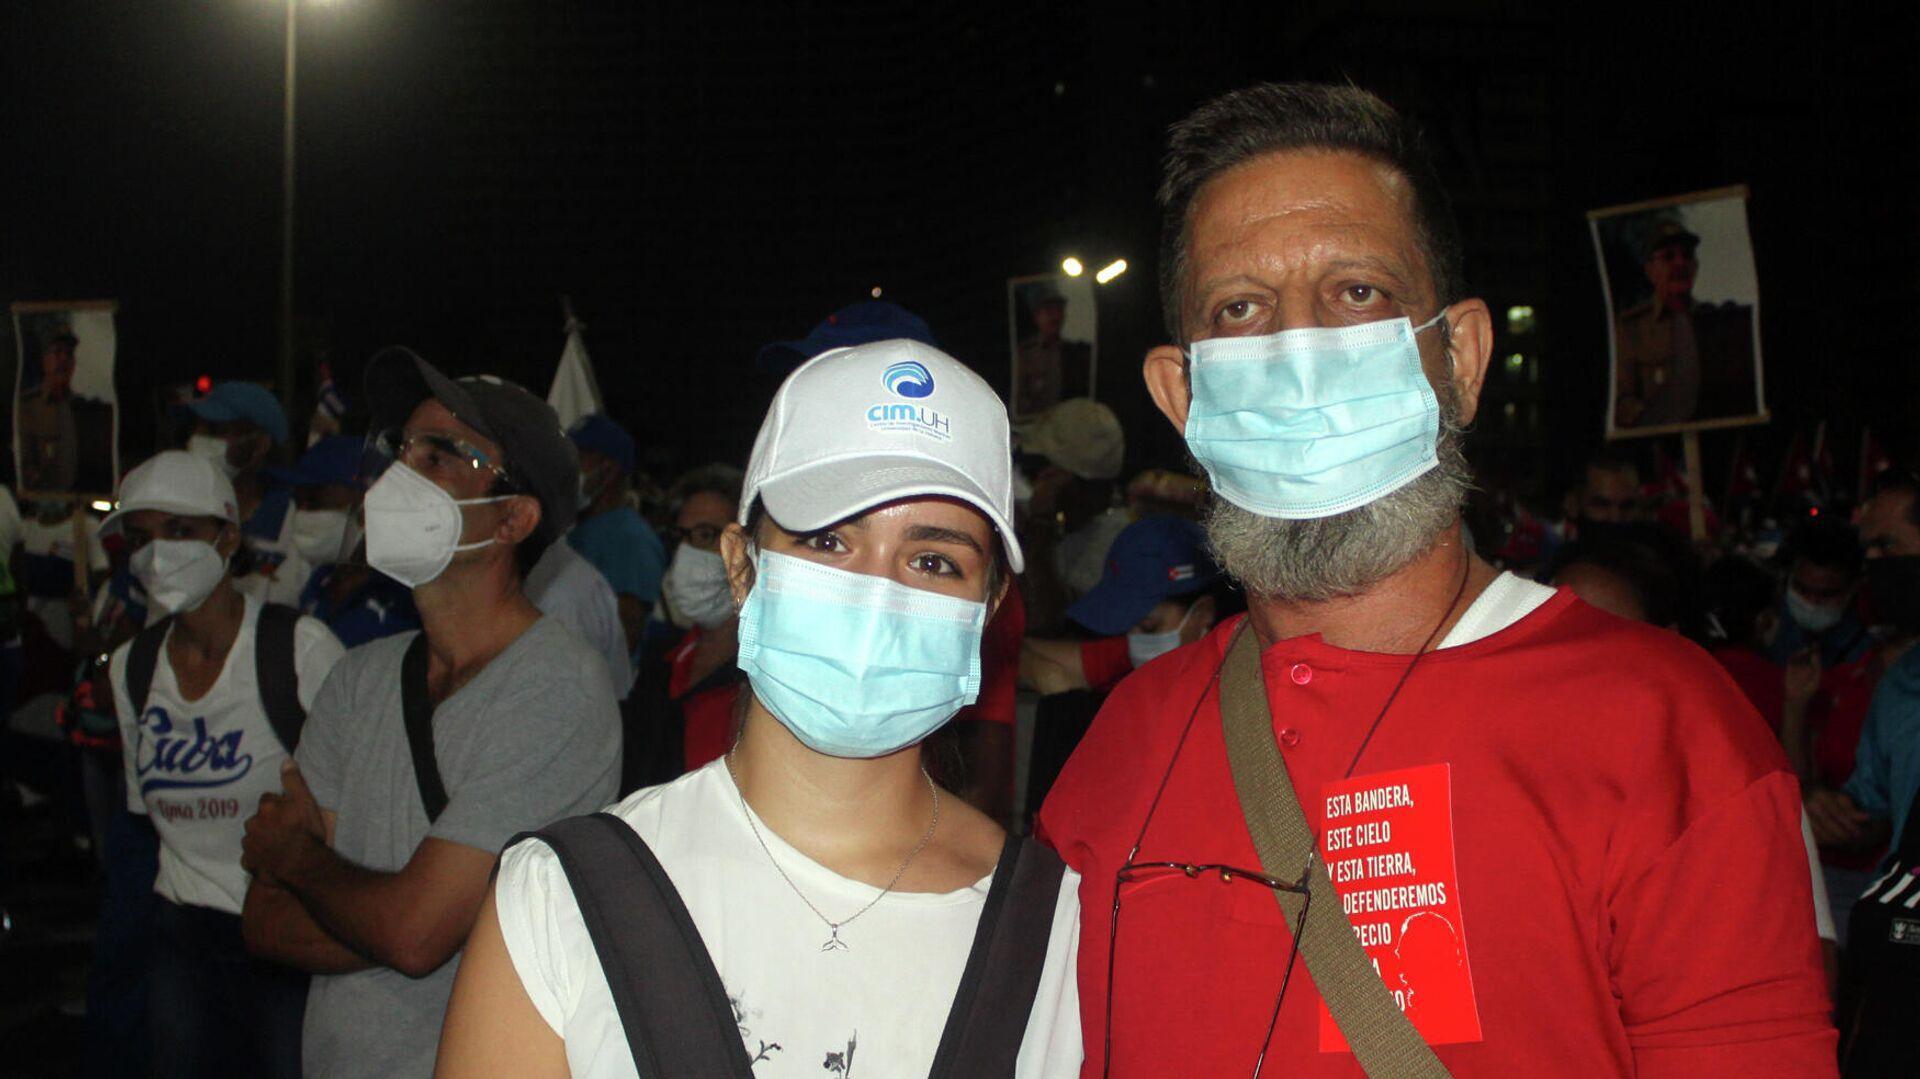 Eduardo Alberto y su hija, durante una manifestación de apoyo al Gobierno de Cuba - Sputnik Mundo, 1920, 18.07.2021